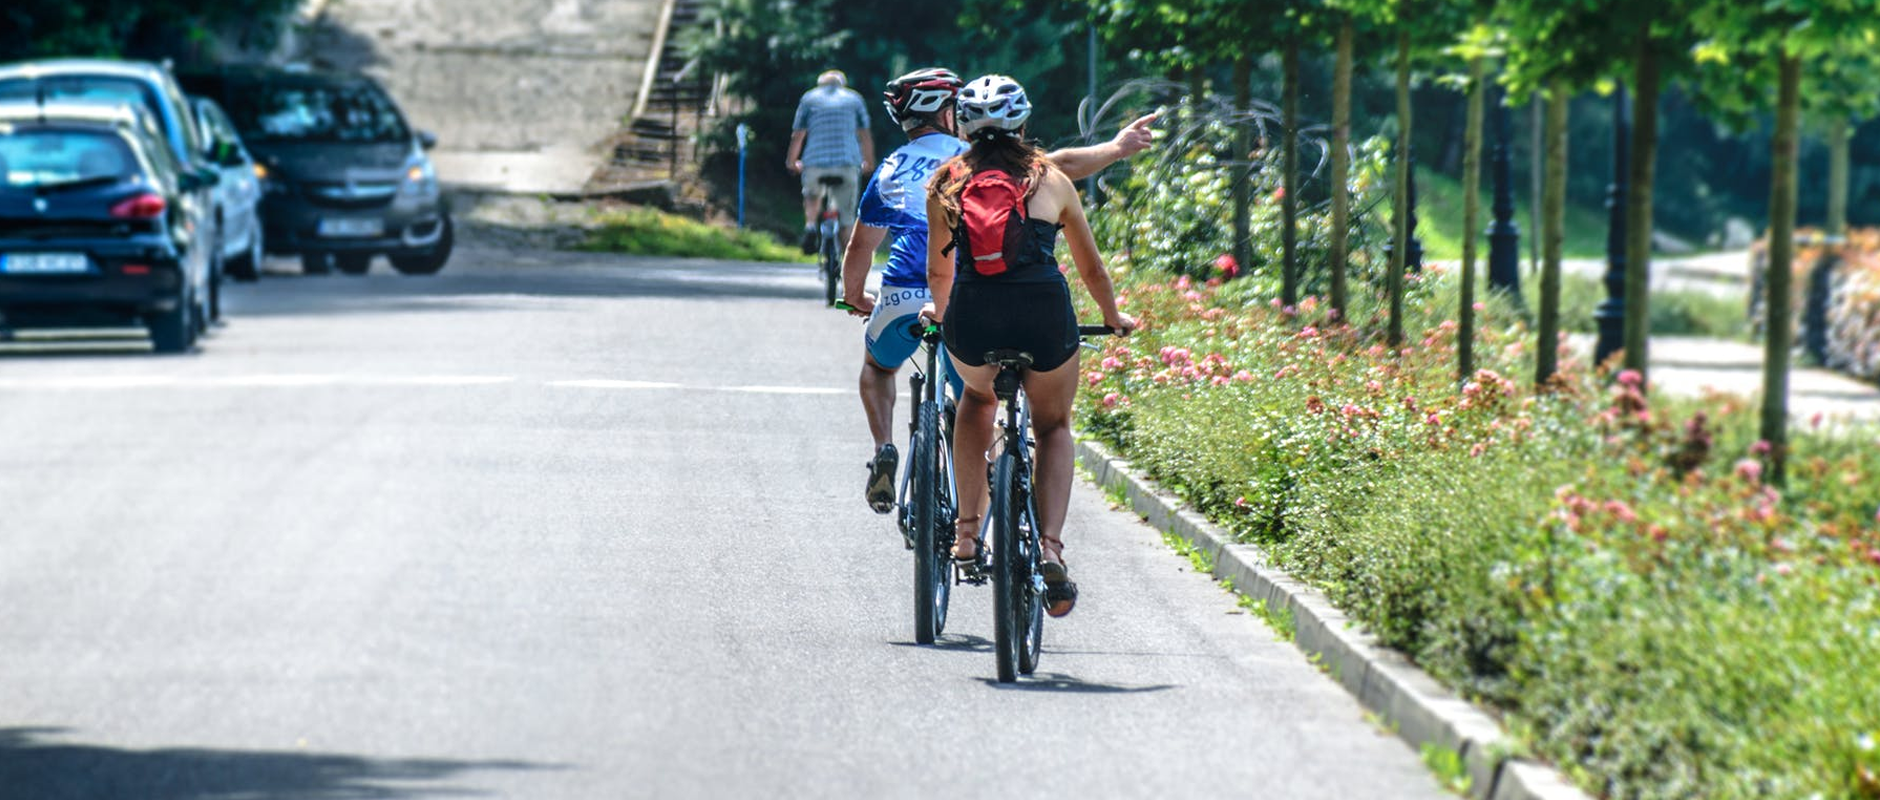 poster image 10 raisons d'aller au boulot à vélo dès aujourd'hui. Un déplacement plus rapide - 10 raisons d'aller au boulot à vélo dès aujourd'hui.